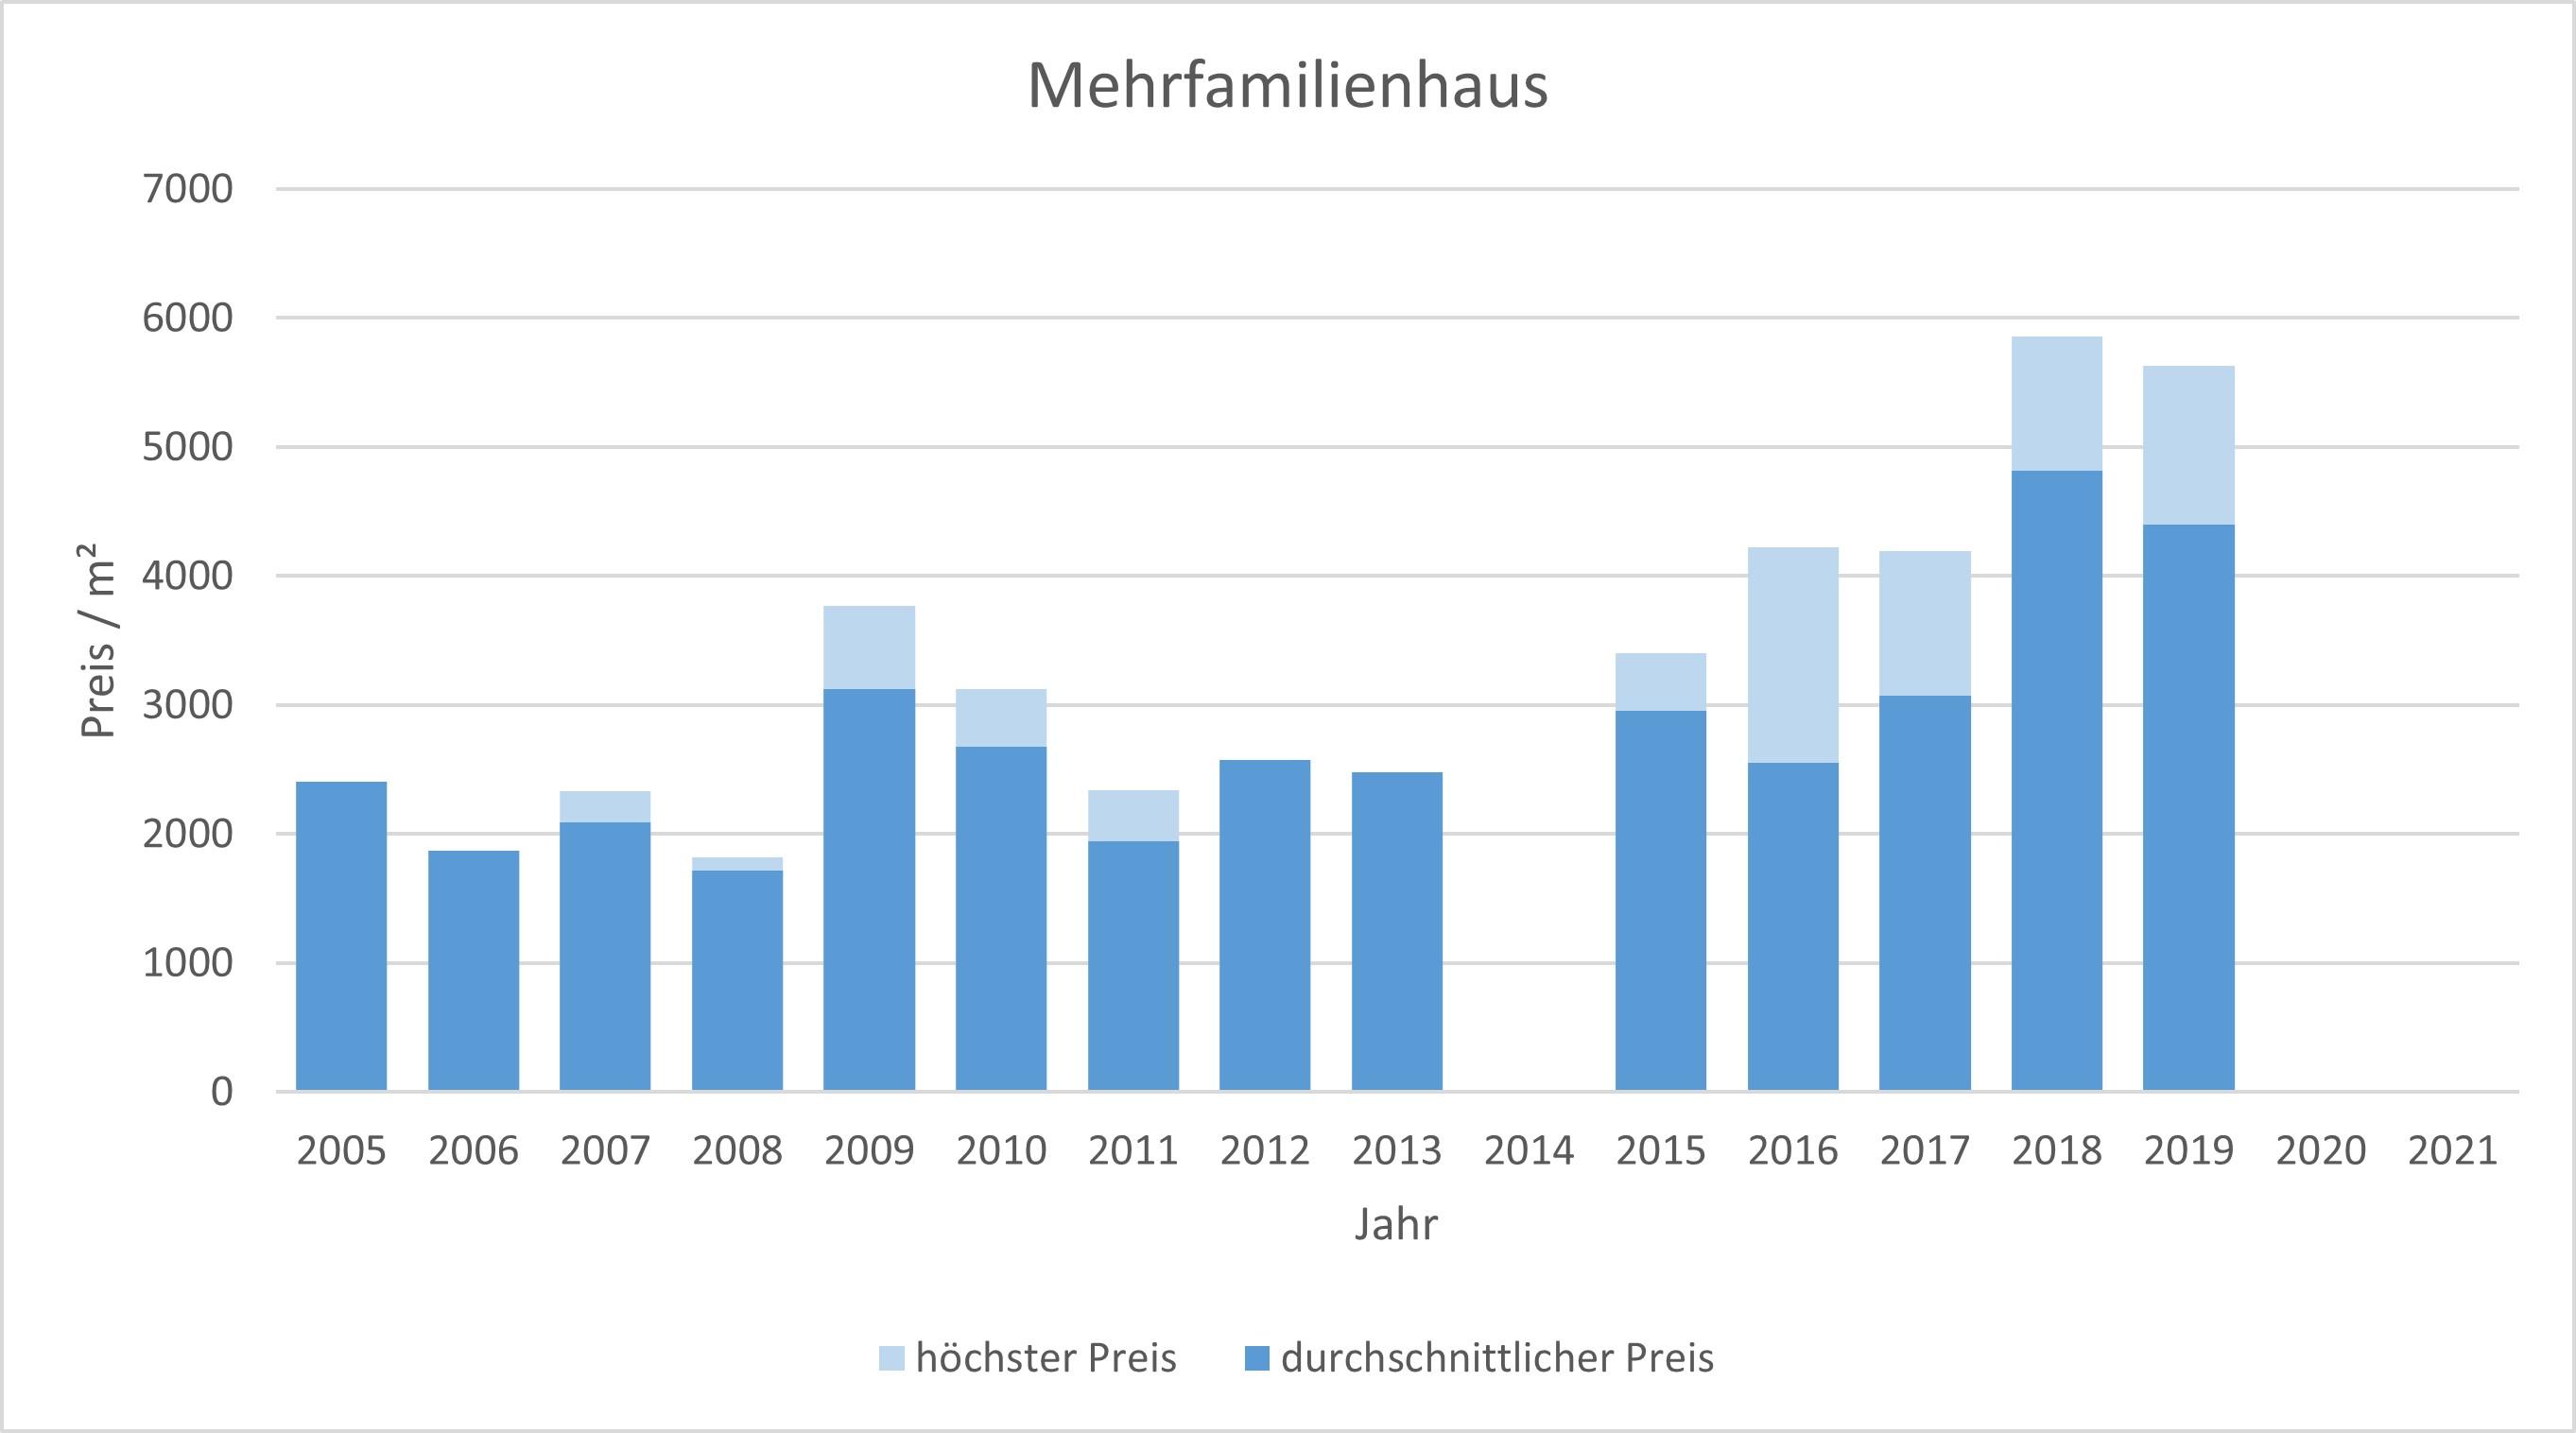 Anzing Mehrfamilienhaus Kaufen Verkaufen Makler Preis 2019, 2020, 2021